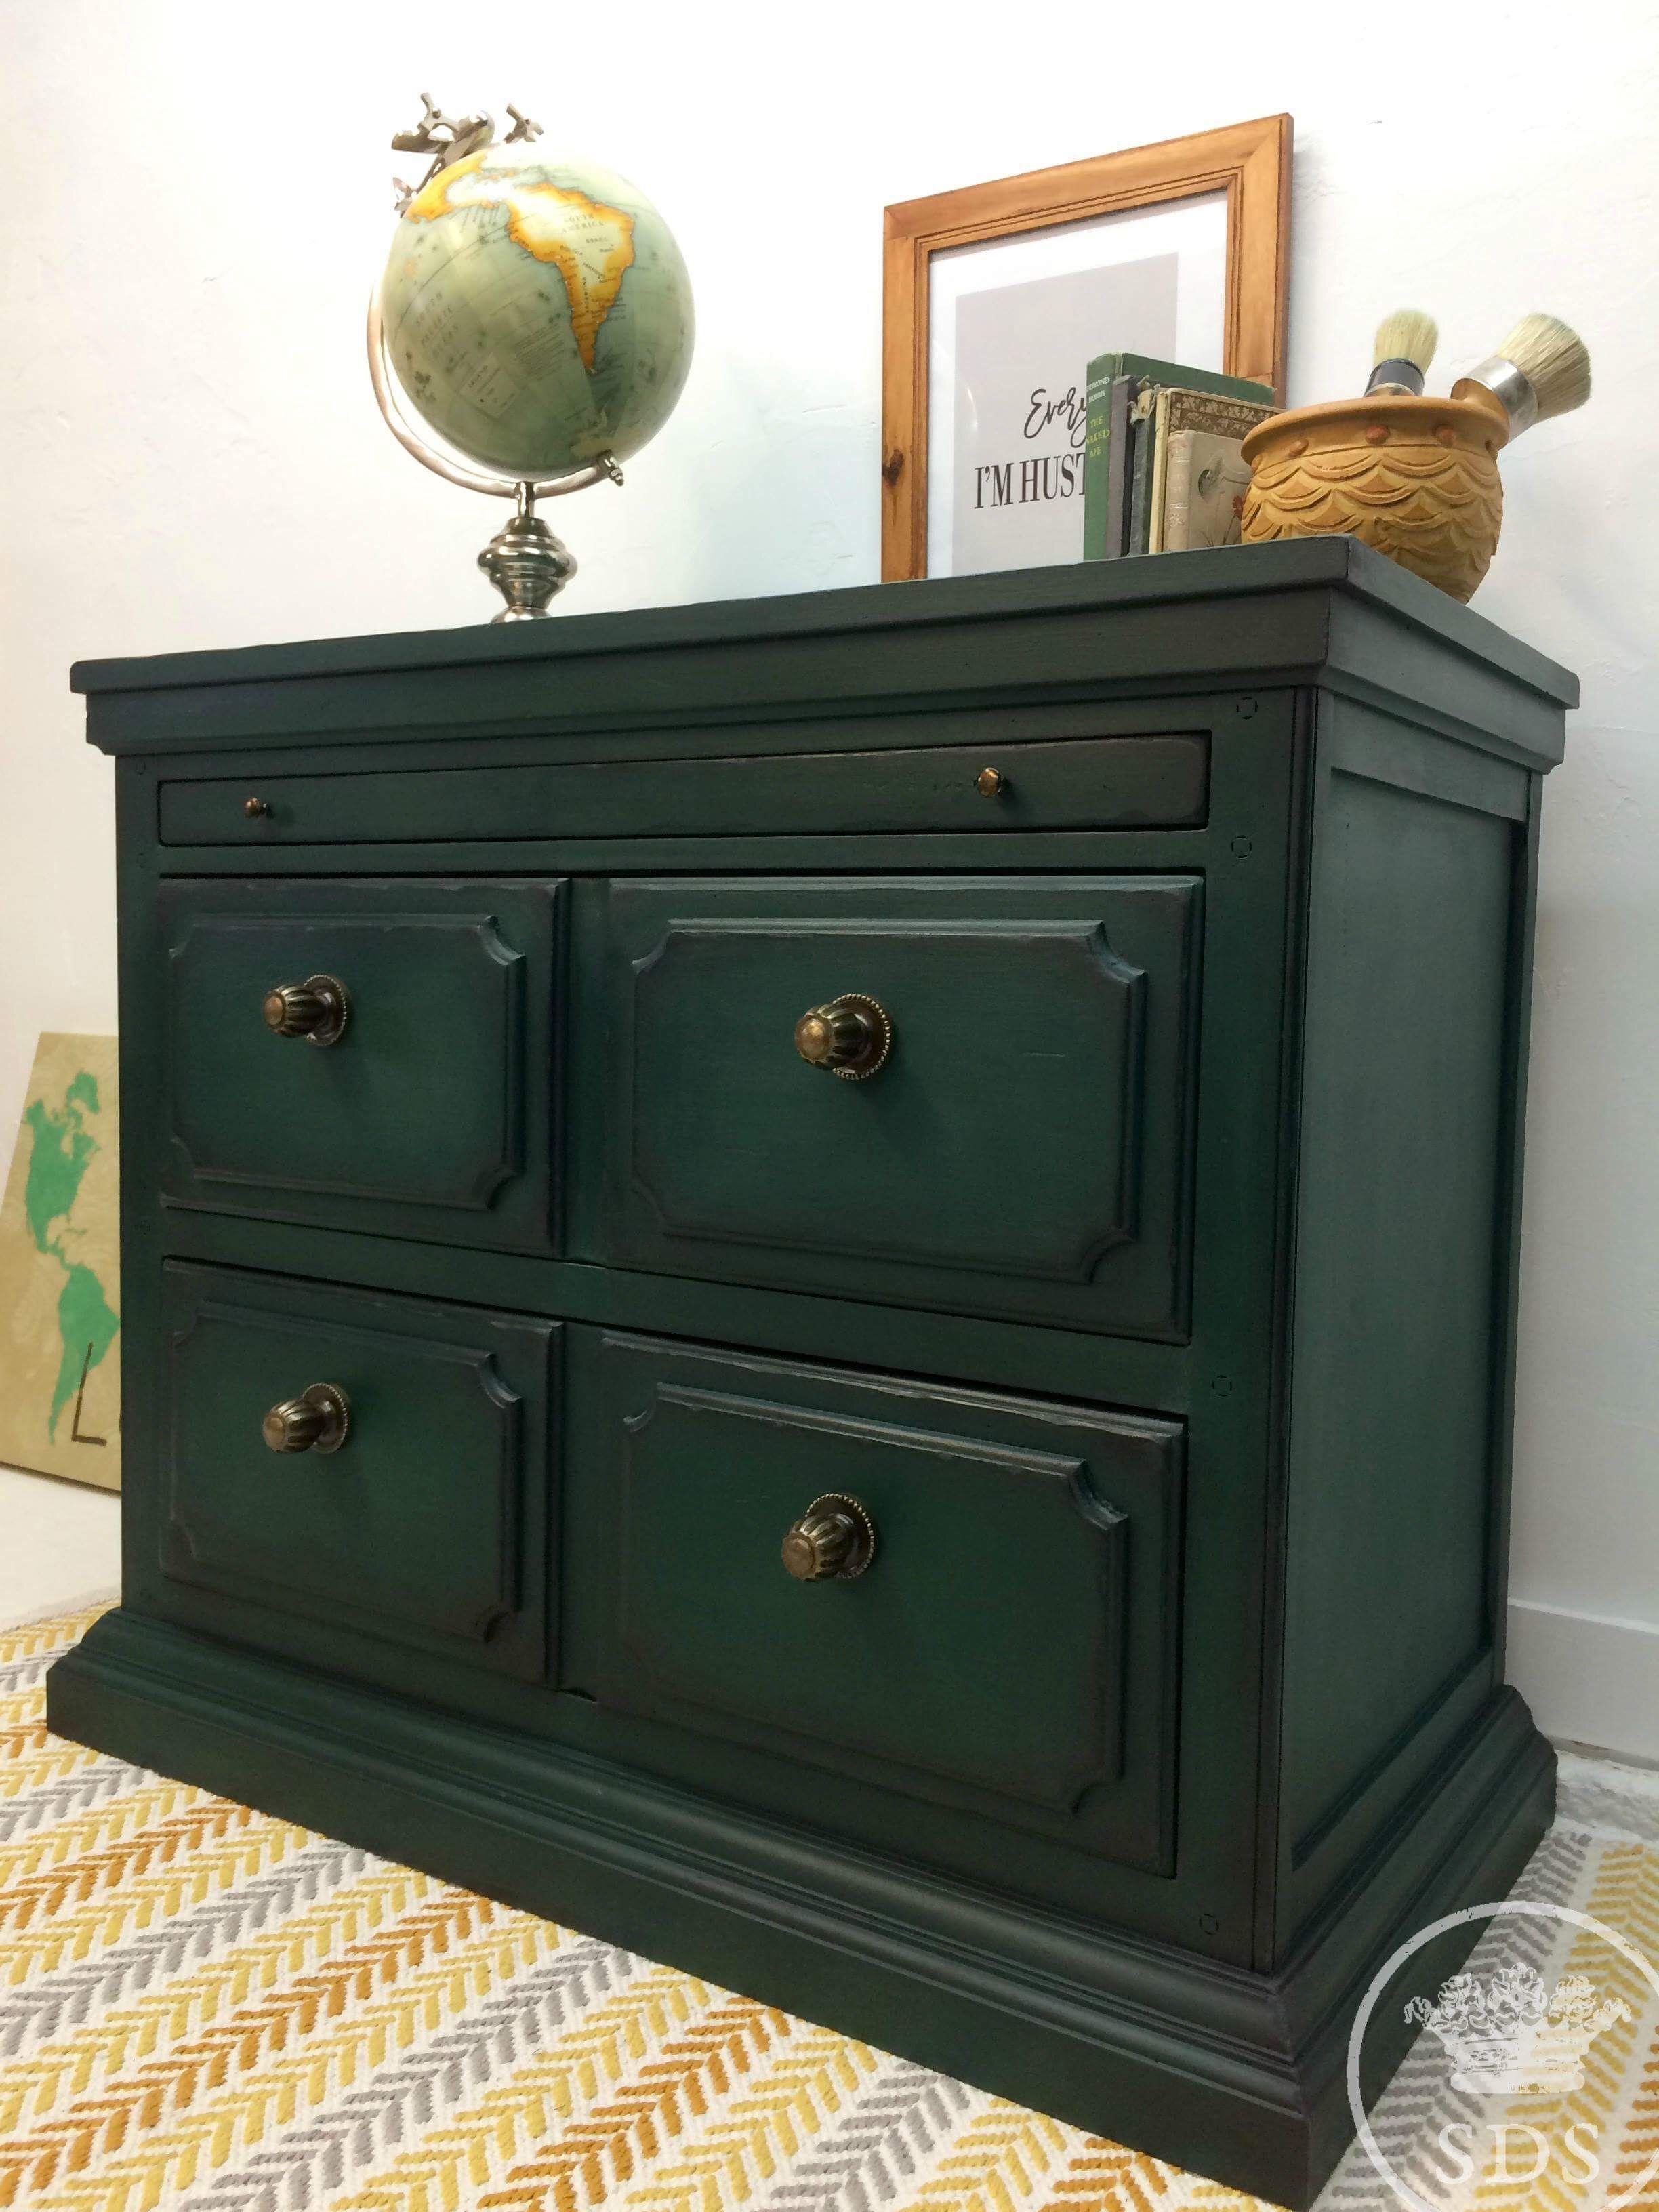 Hunter Green Painted Dresser Nightstand Entry Furniture Green Painted Furniture Green Furniture Green Nightstands [ 3264 x 2448 Pixel ]